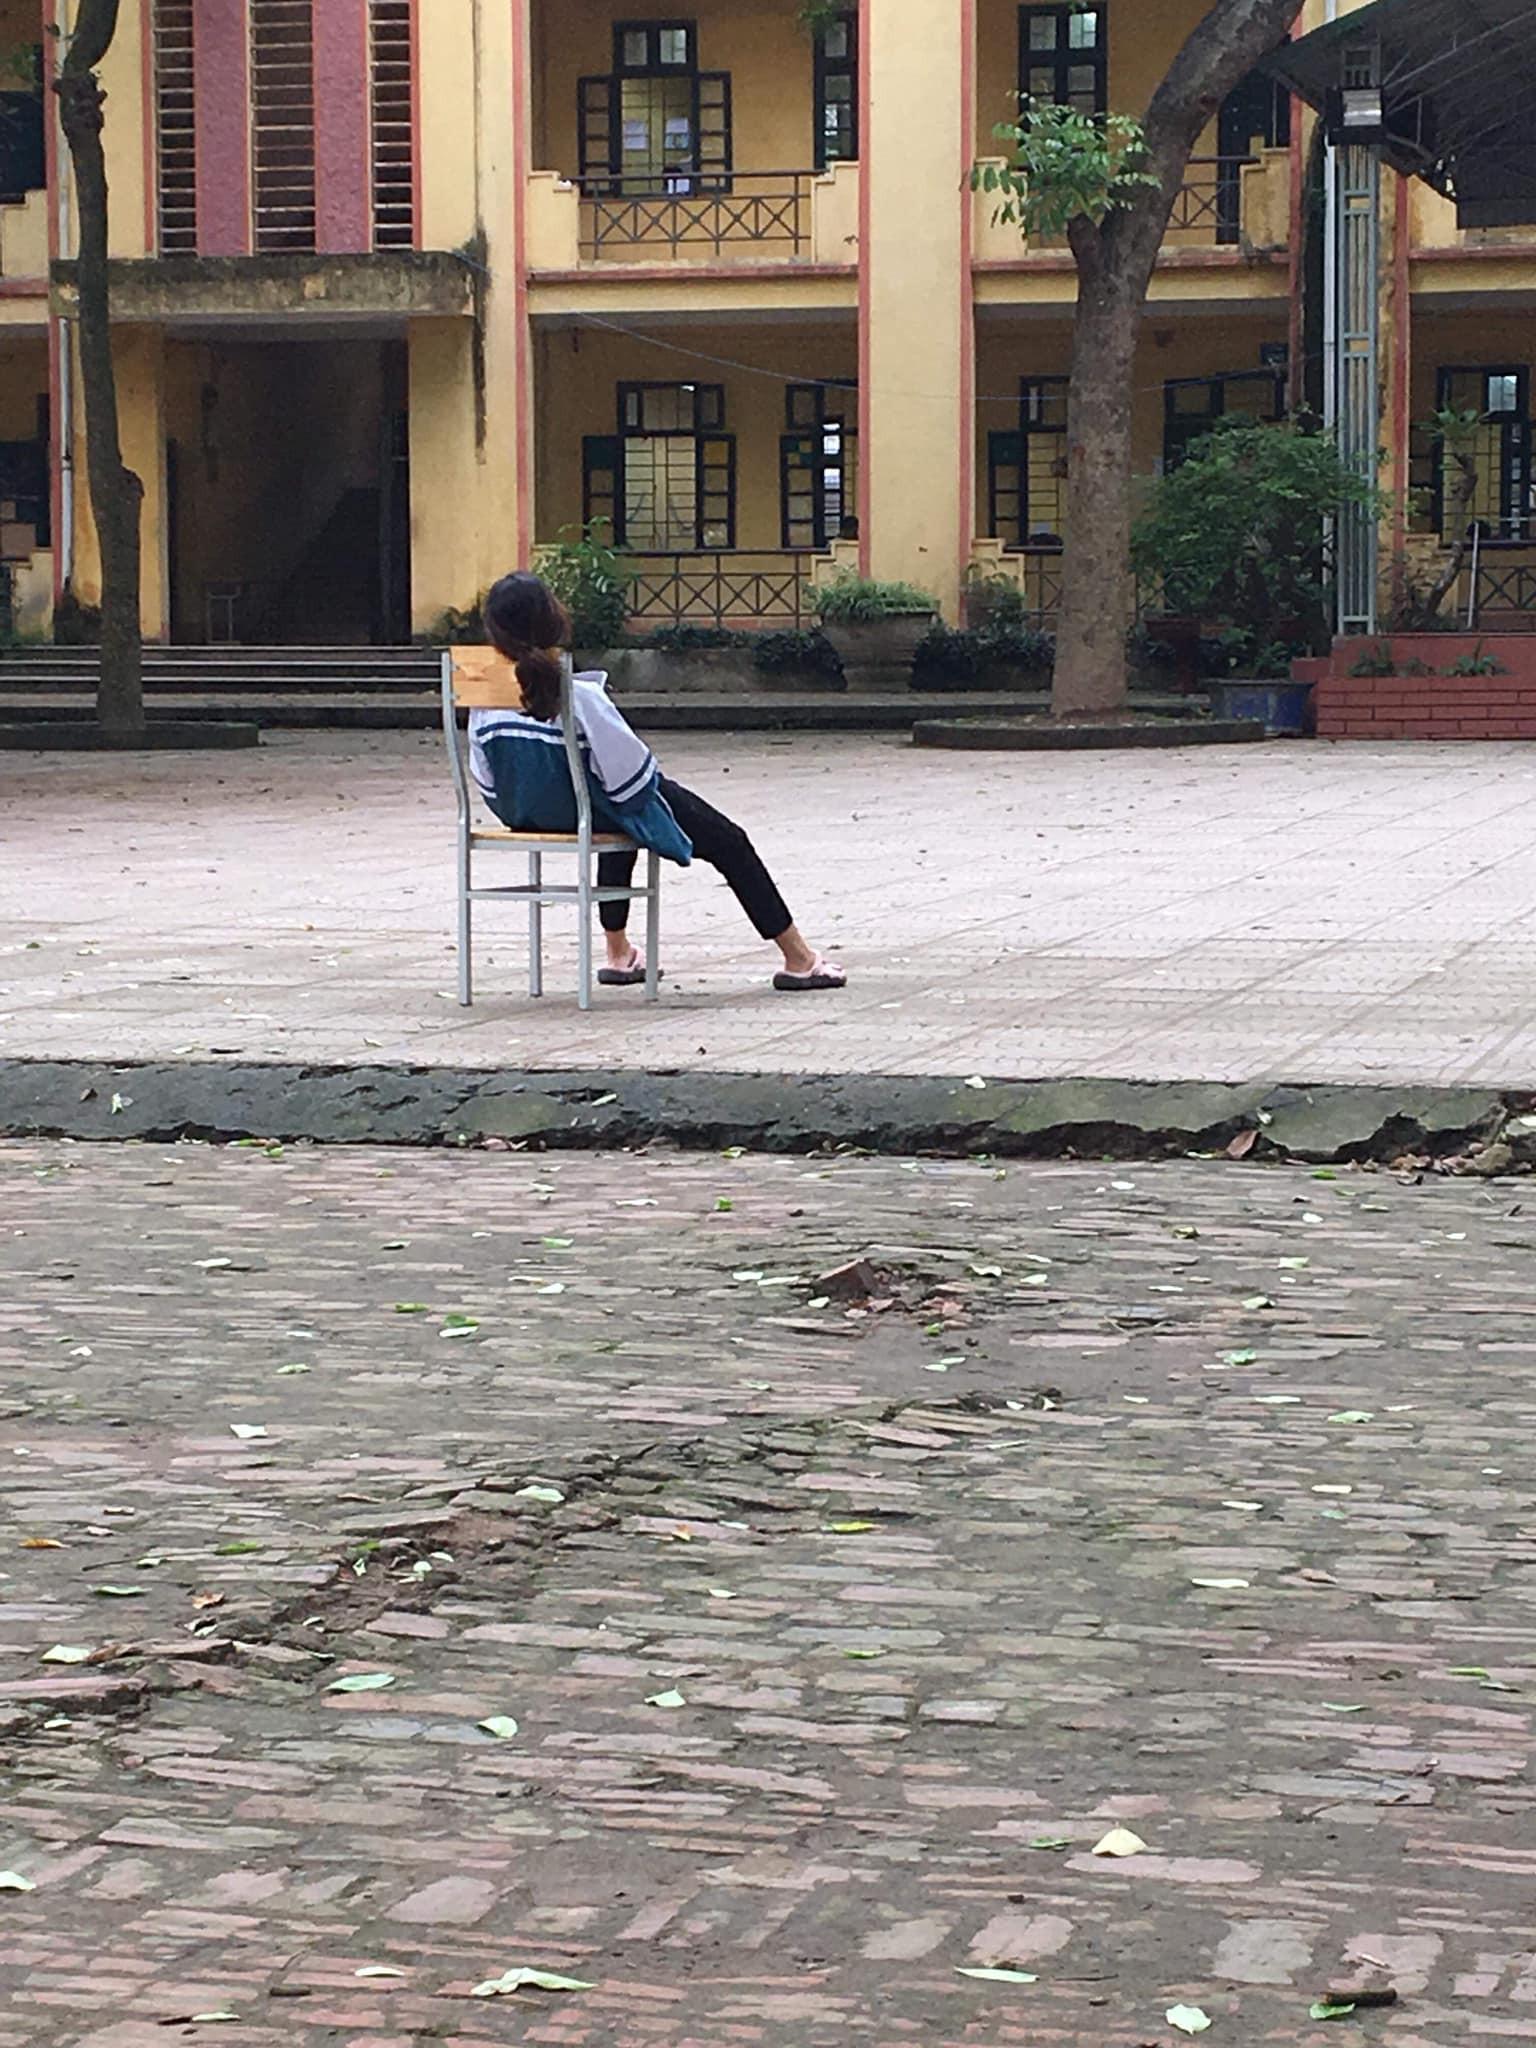 Ảnh 1: Nữ sinh thả lỏng trên ghế - We25.vn